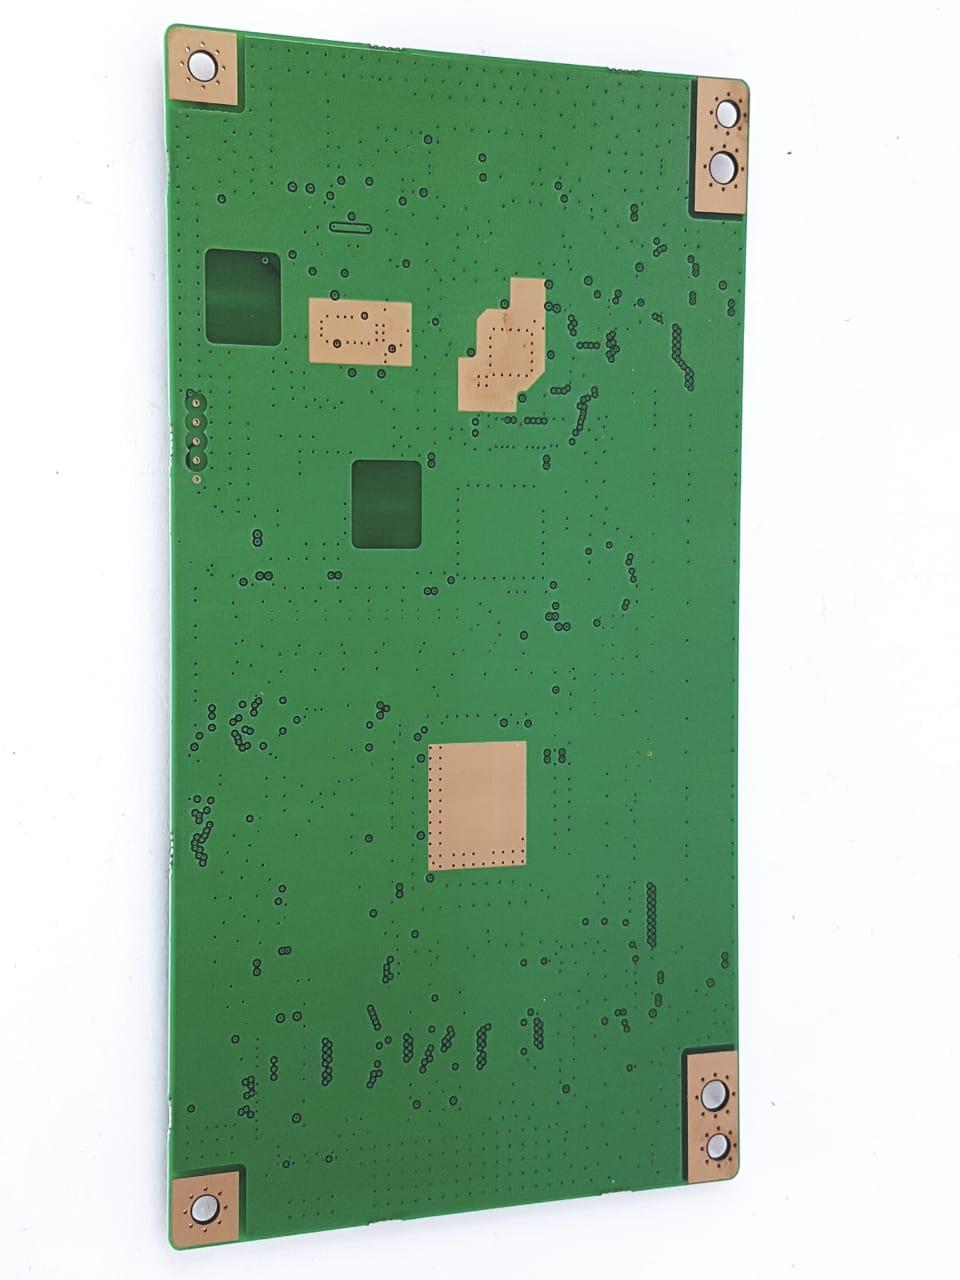 Placa TV T-con Lógica V420h1-c17 paraToshiba Lc 4245w